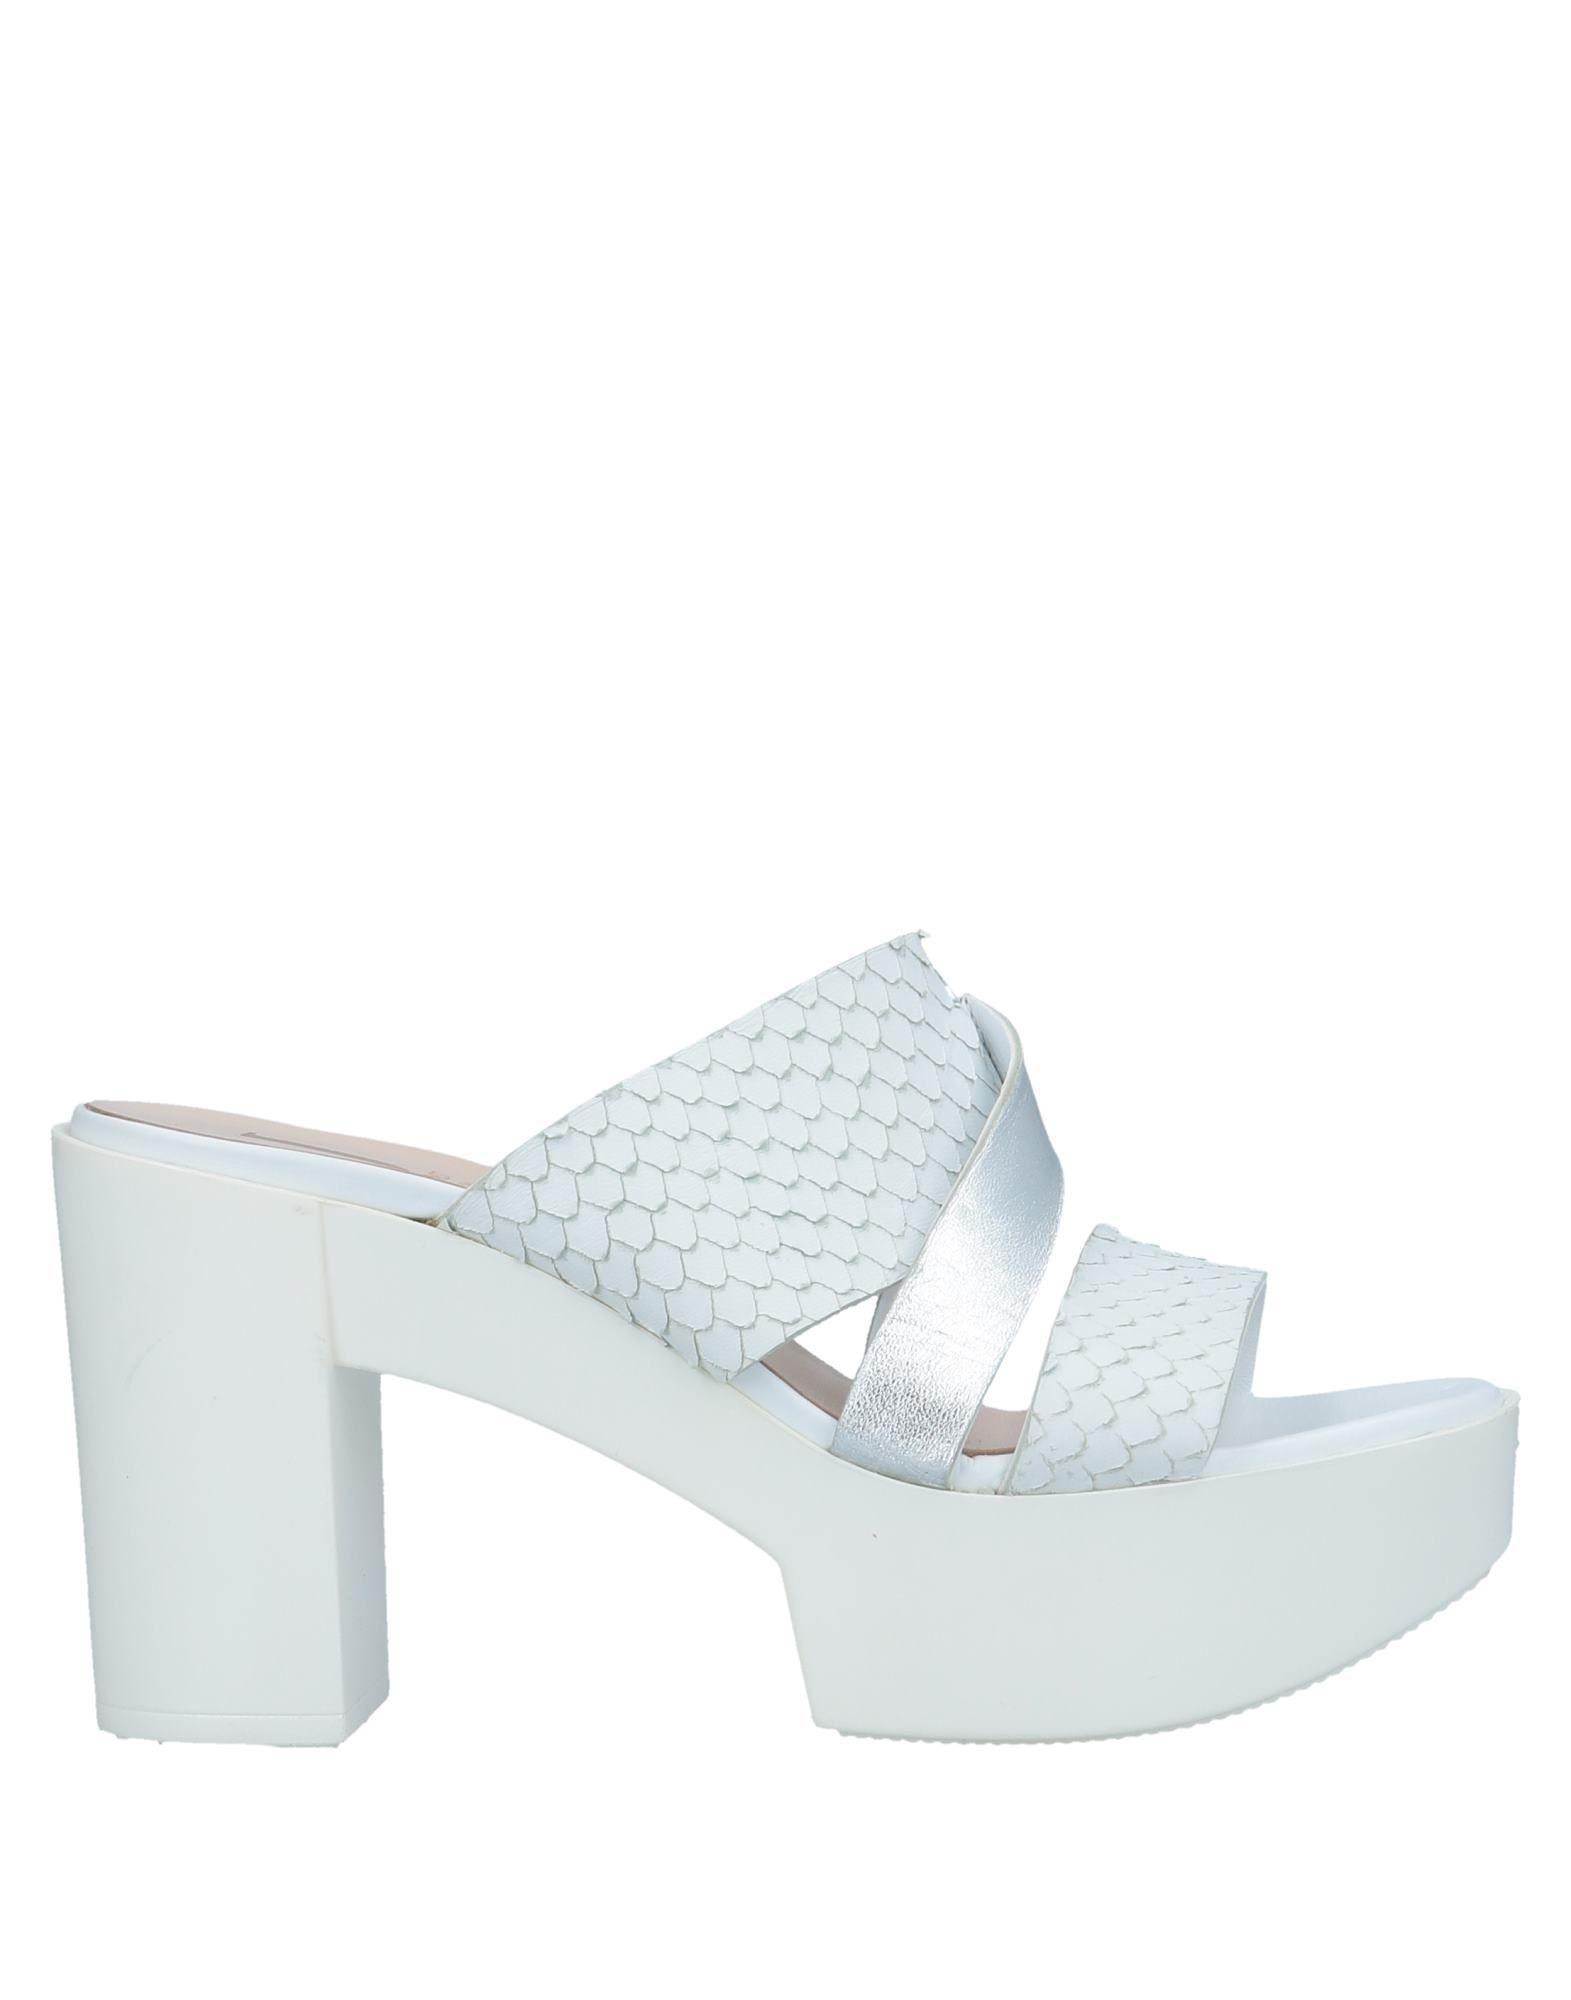 Jeannot Sandalen Damen  11548246WM Gute Qualität beliebte Schuhe